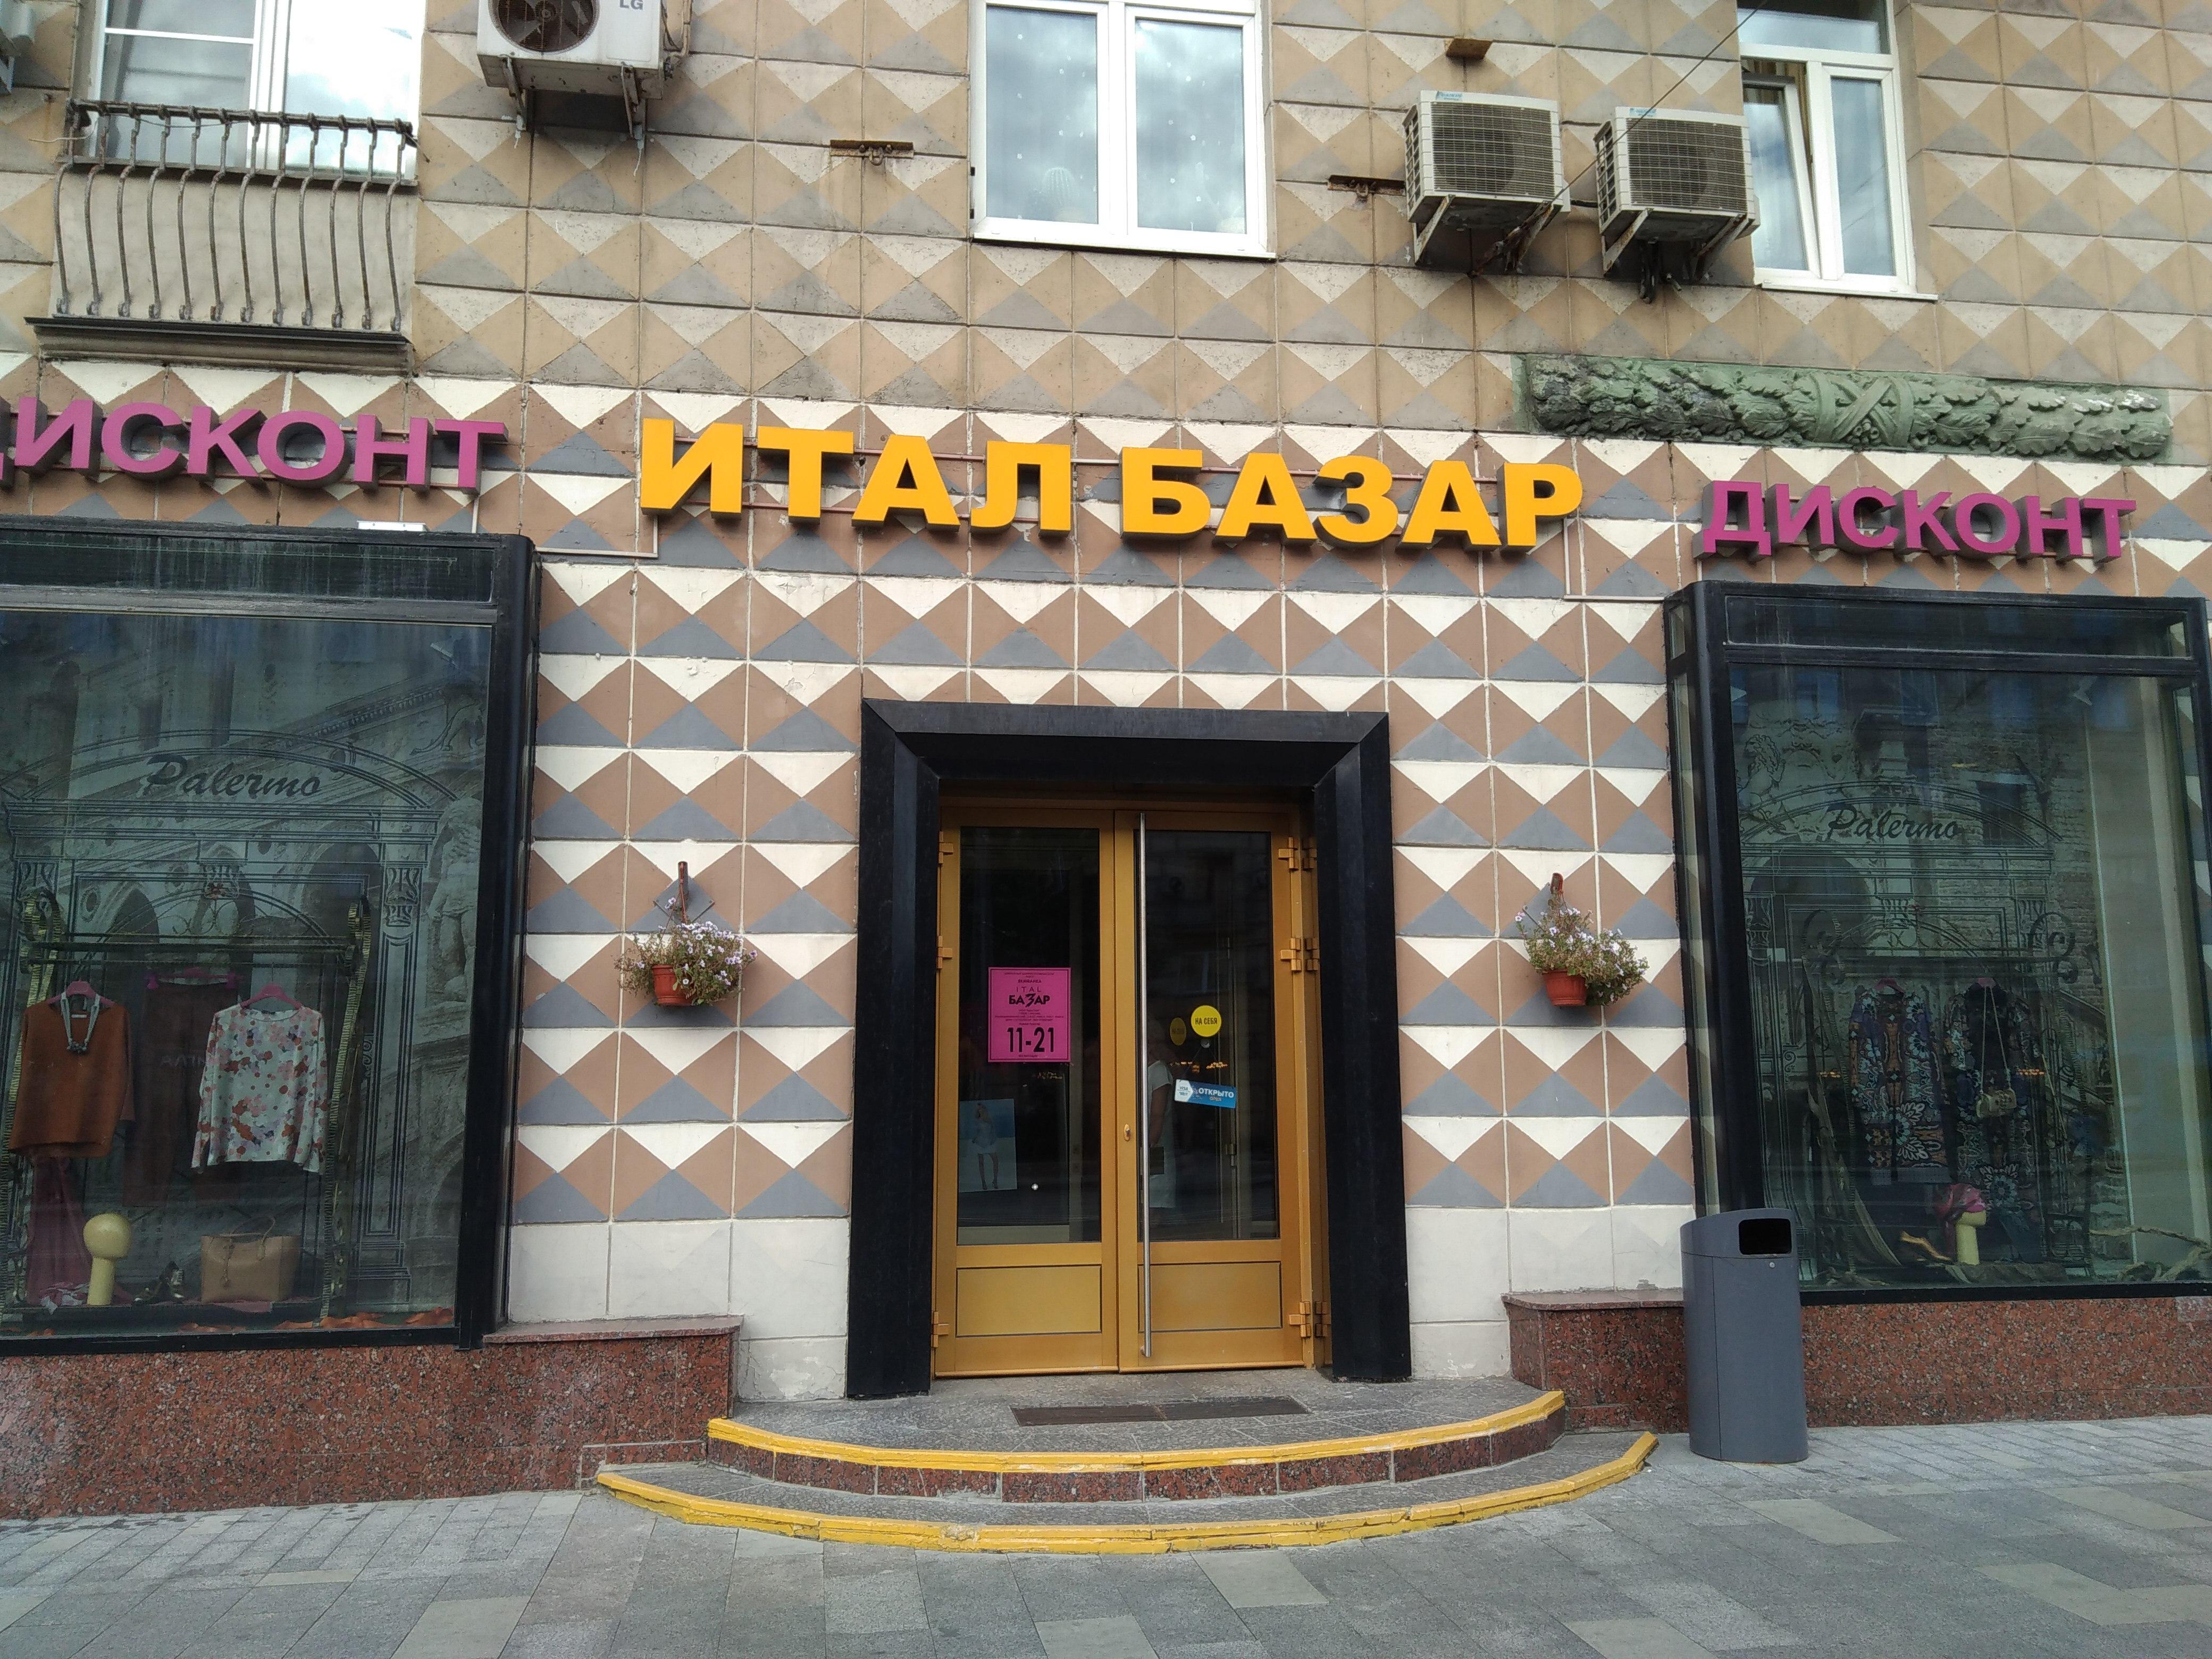 c3de5901 Итал базар - магазин одежды, метро Полянка, Москва — отзывы и фото —  Яндекс.Карты …